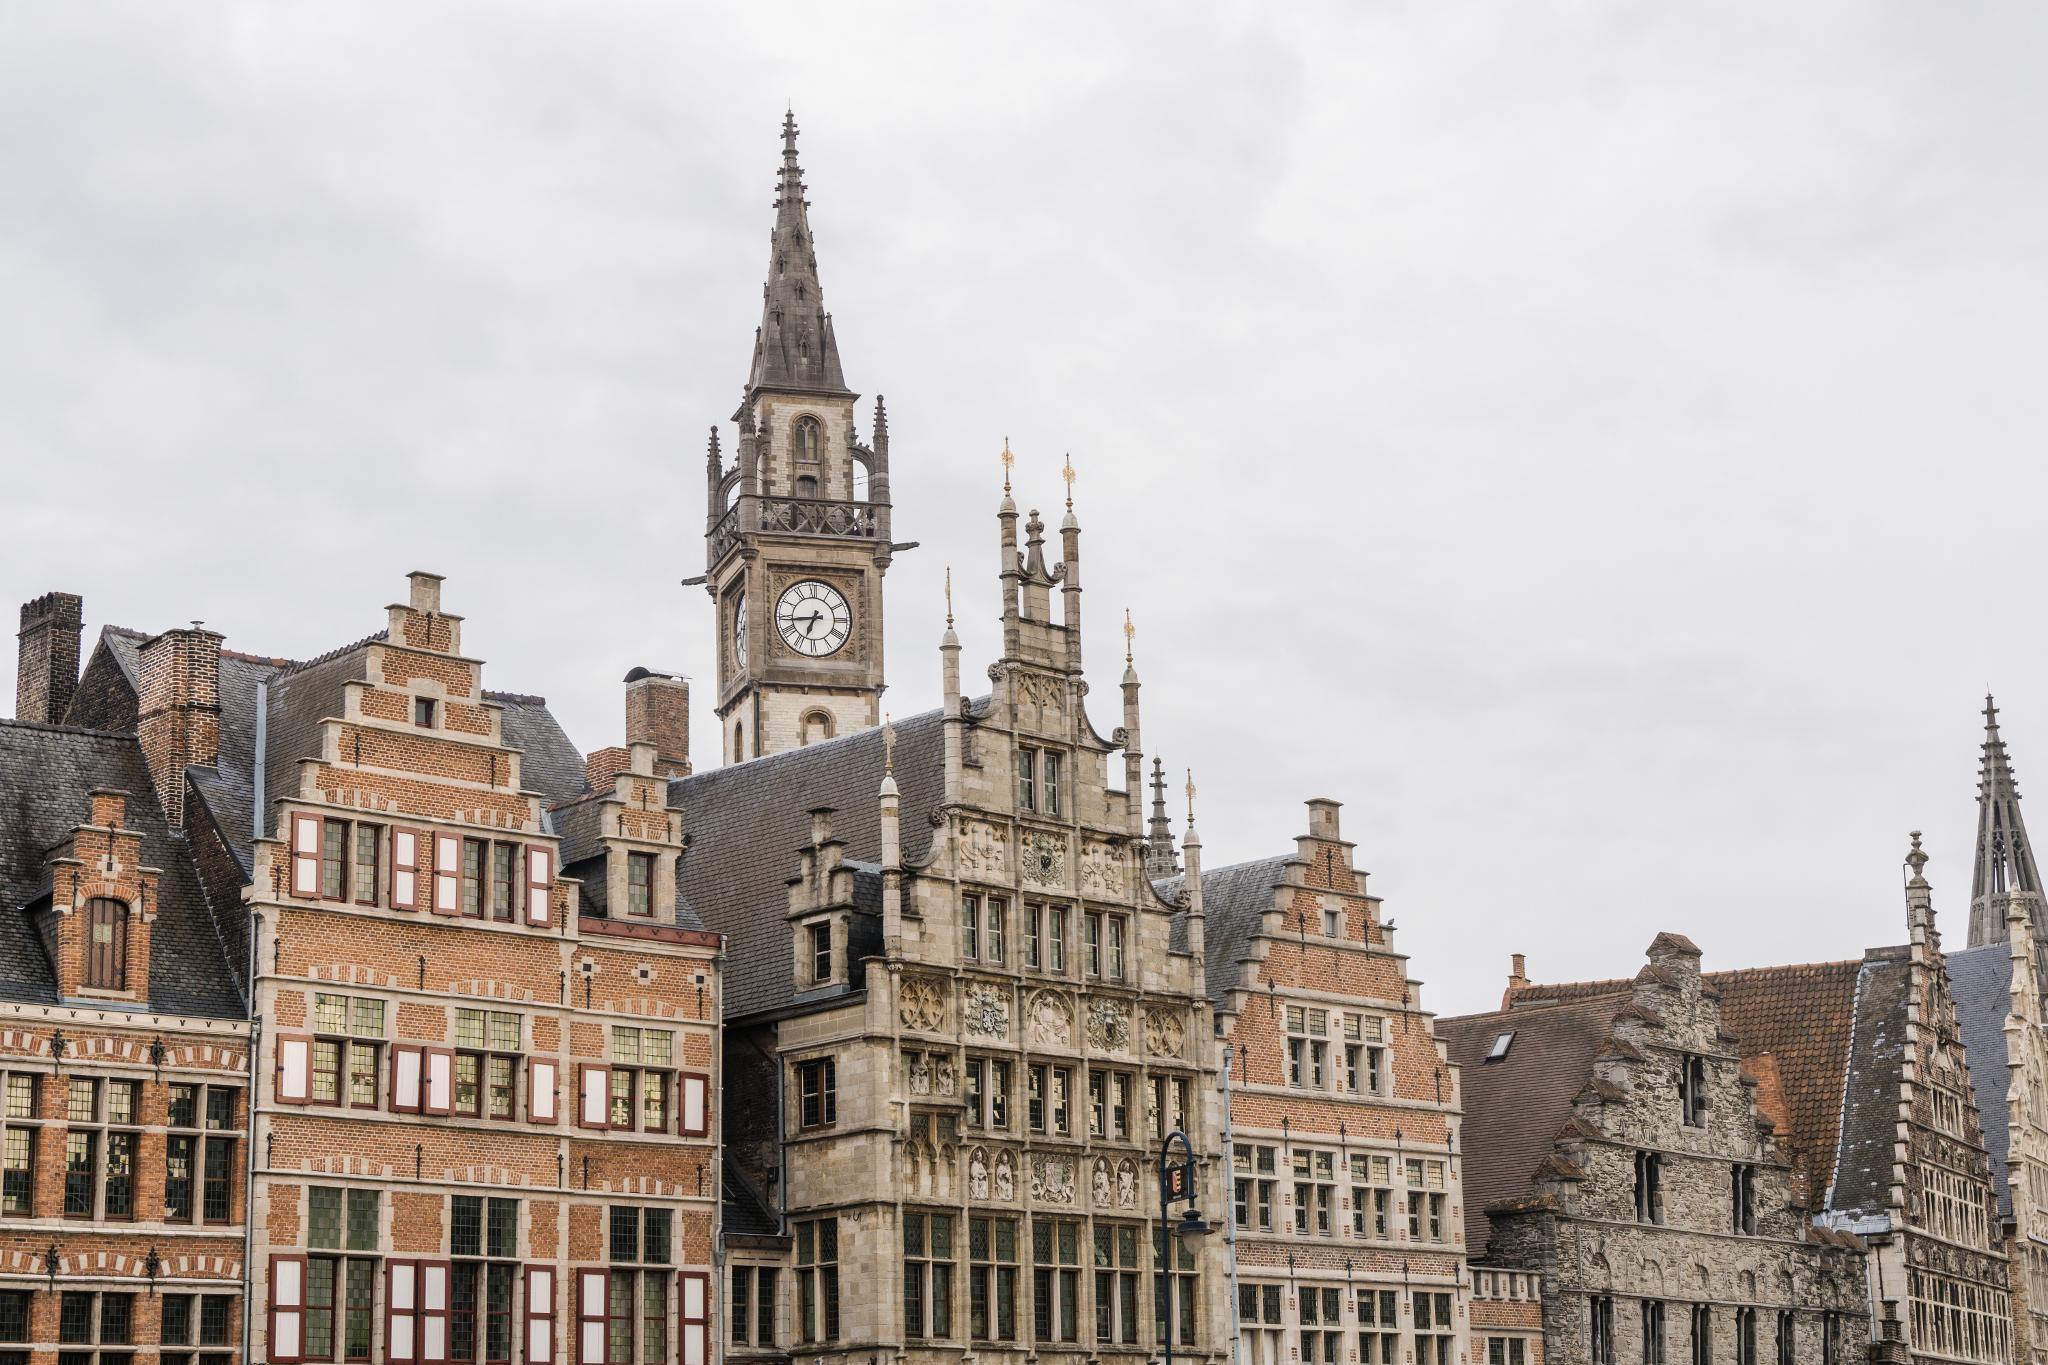 【比利時】穿梭中世紀的大城小事 — 比利時根特 (Ghent) 散步景點總整理 97